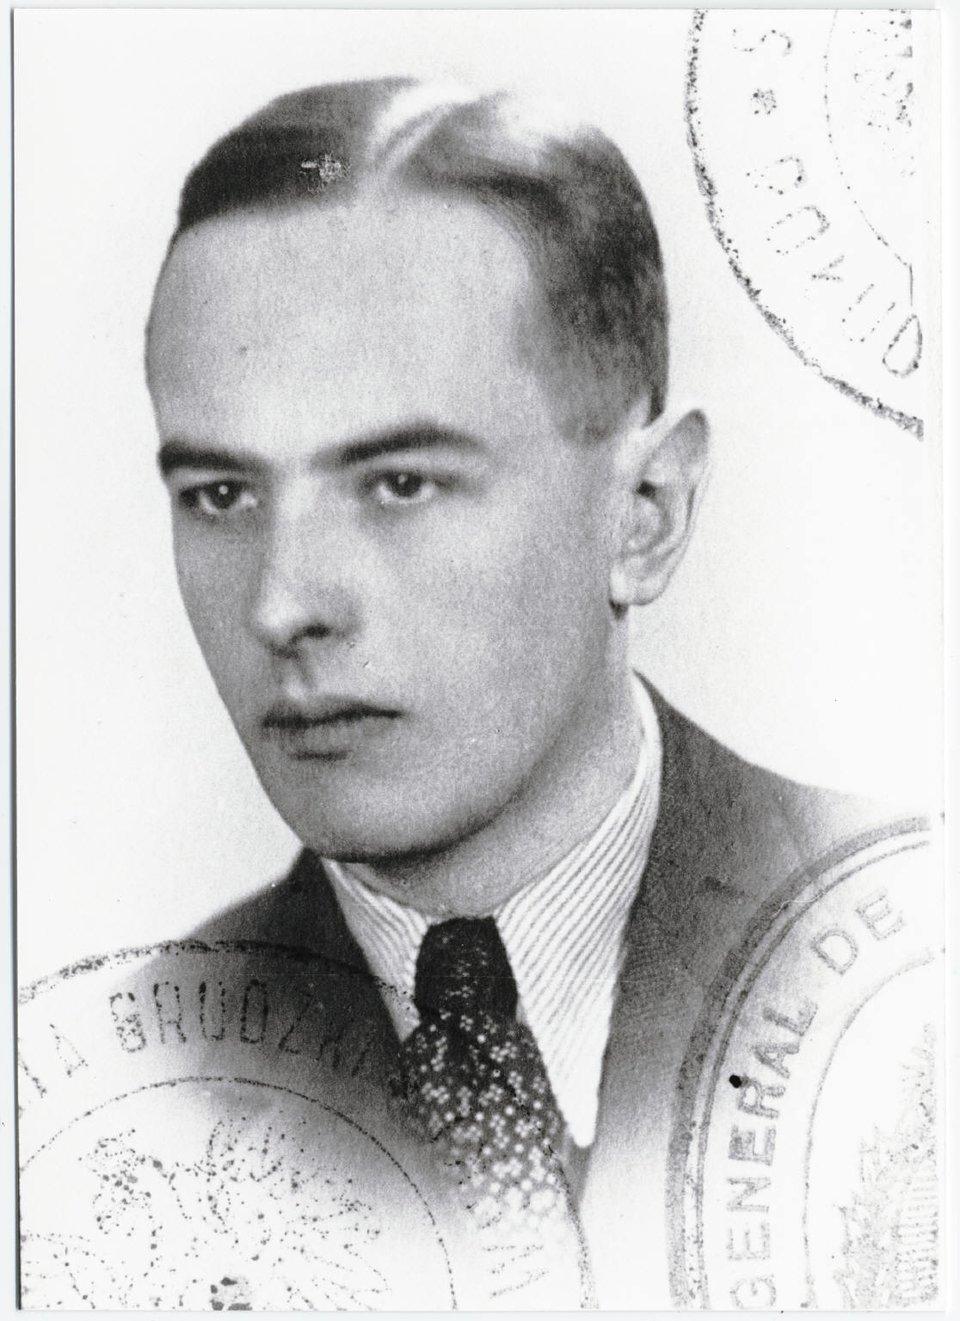 Zdjęcie paszportowe Witolda Gombrowicza, 1939 Zdjęcie paszportowe Witolda Gombrowicza, 1939 Źródło: domena publiczna.